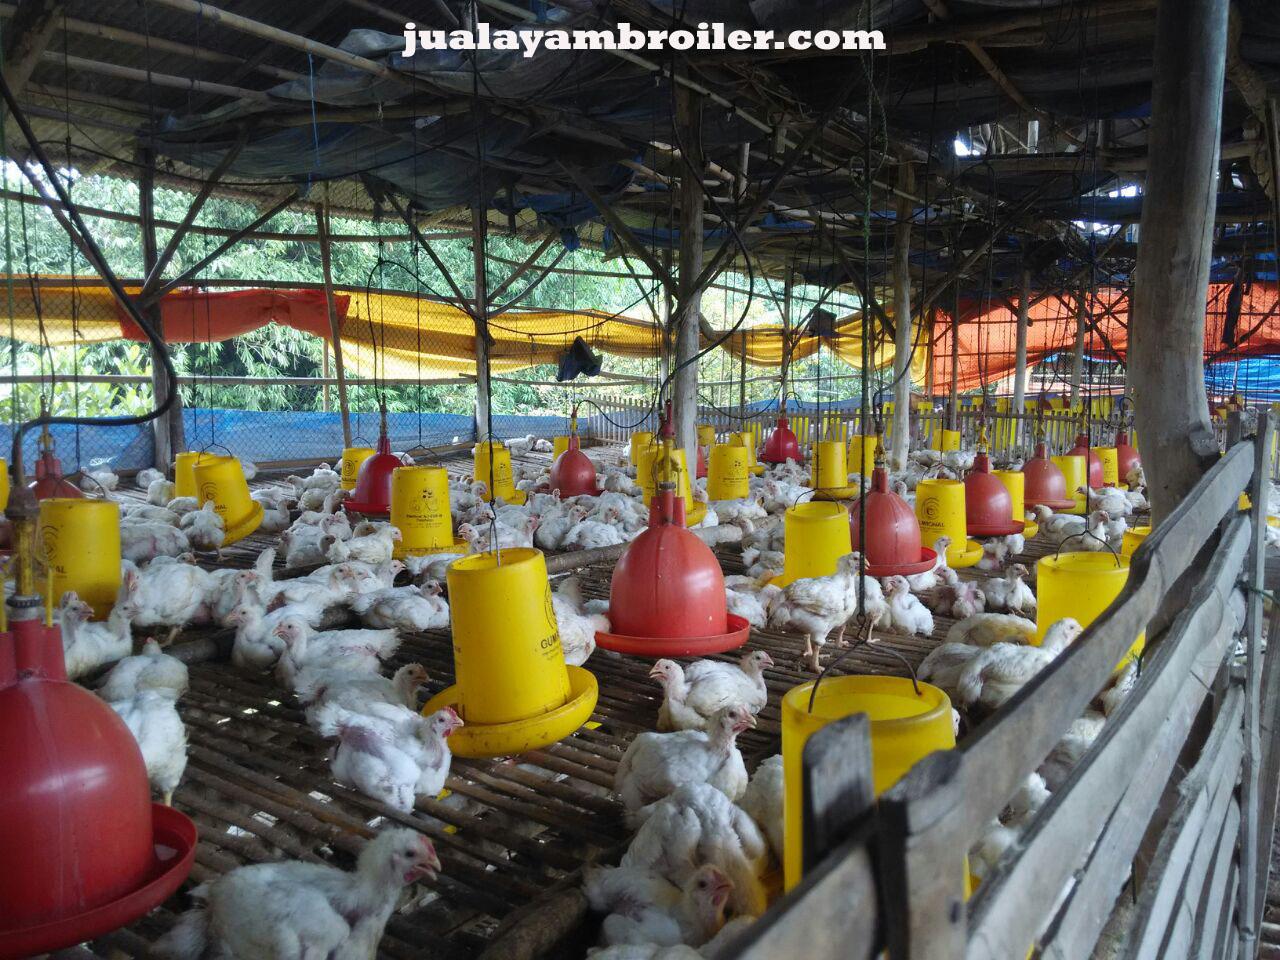 Jual Ayam Broiler di Bogor